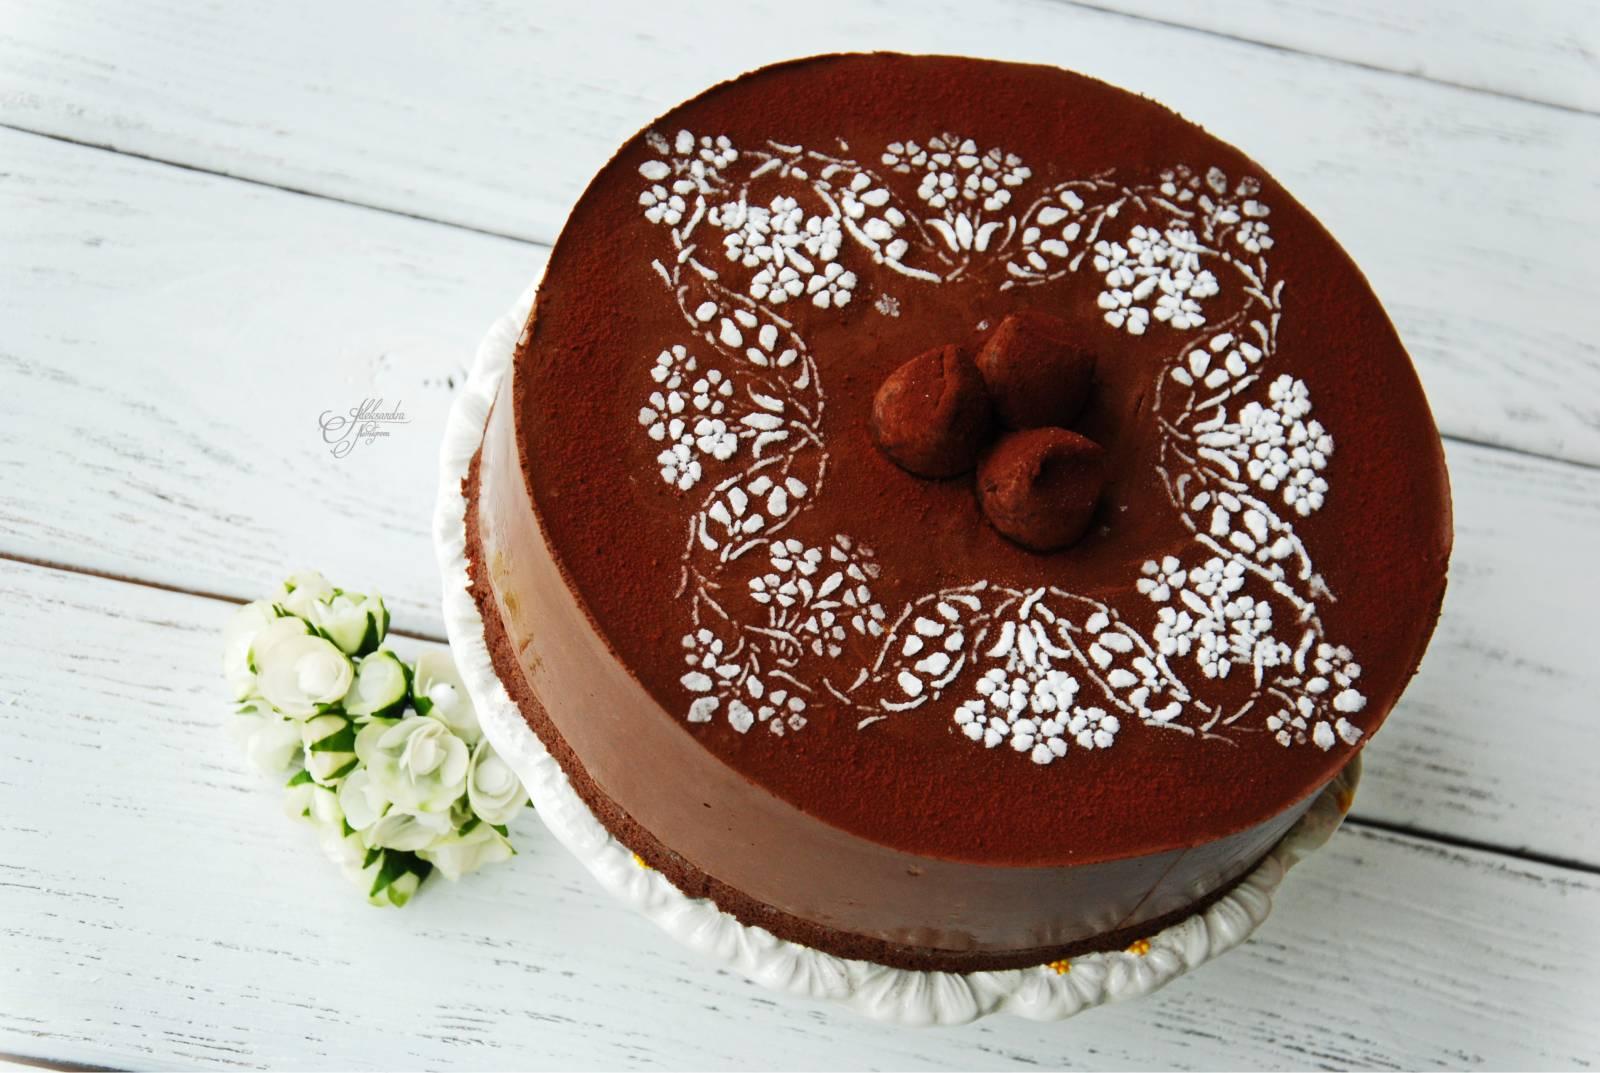 Как украсить торт шоколадом в домашних условиях: различные узоры 70